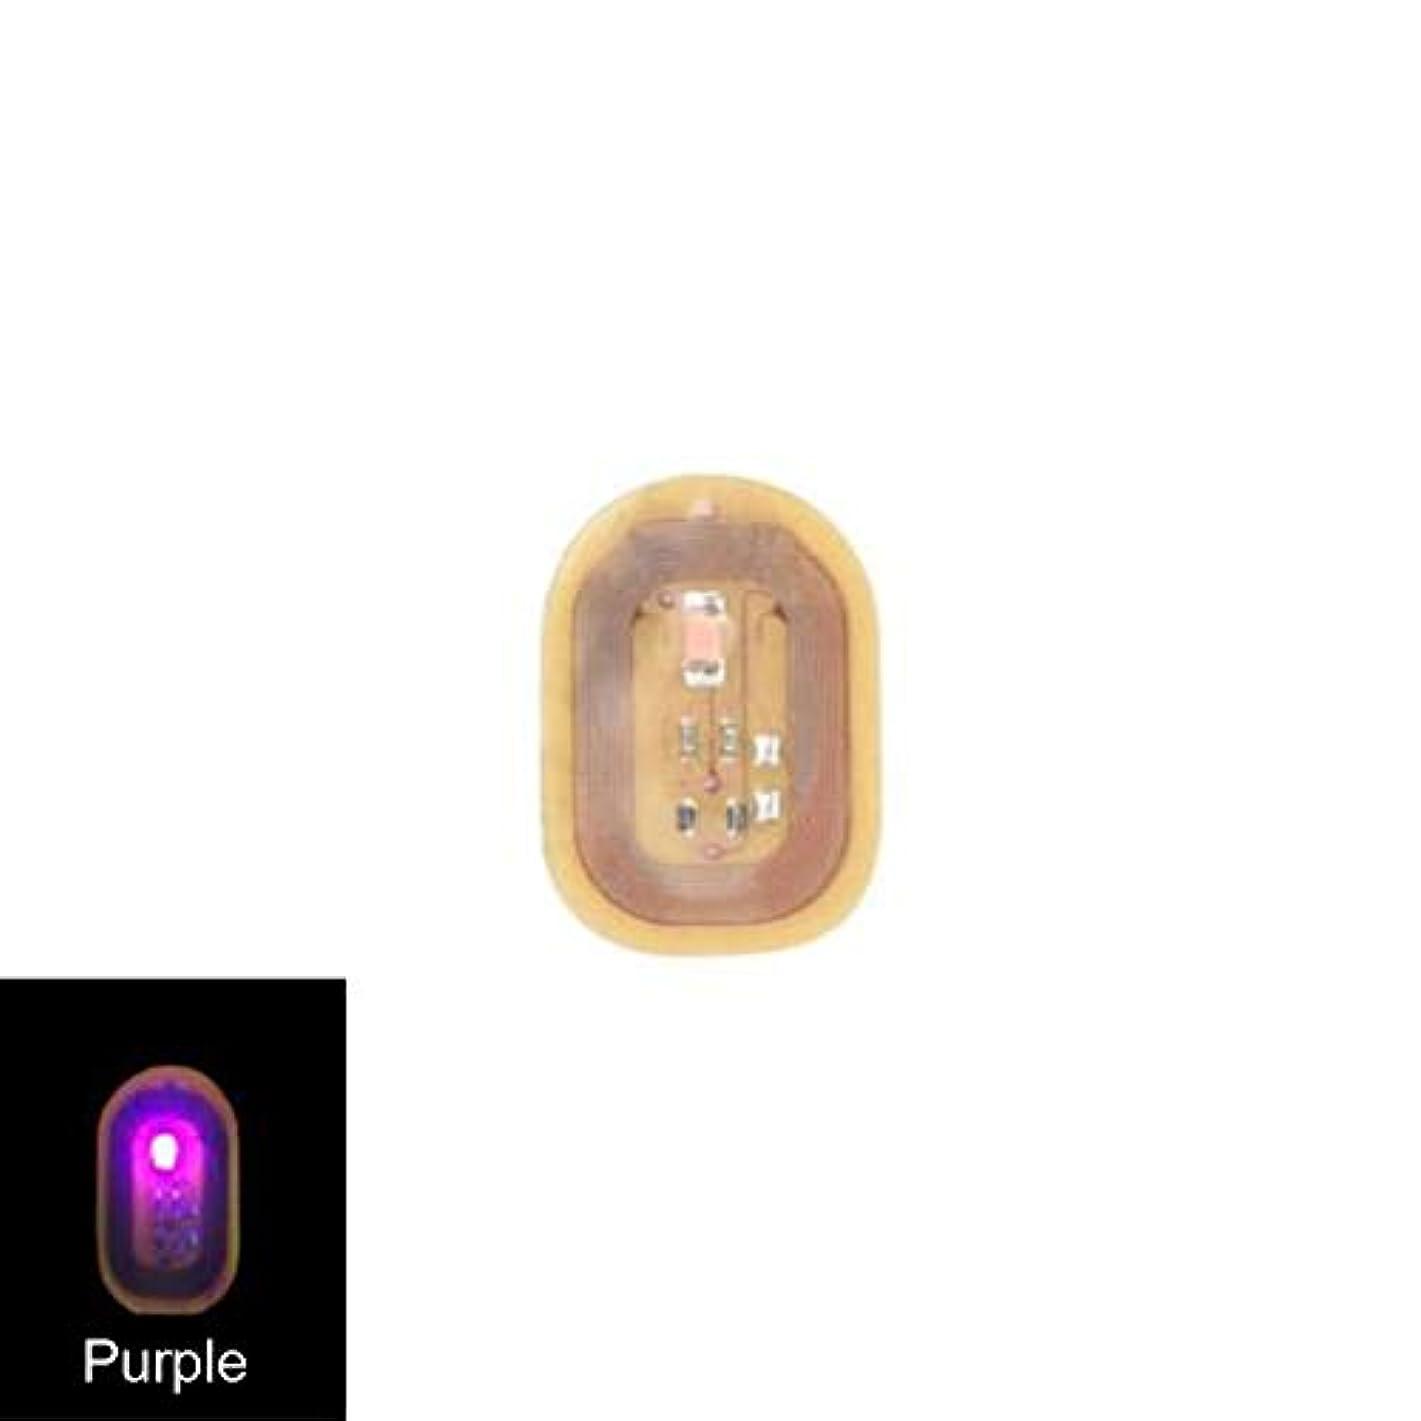 一瞬ストローク池ACHICOO ネイルステッカー NFC ネイルアート ヒント DIYステッカー 電話 LEDライト フラッシュパーティー デコレーション ネイルチップ 紫色の光